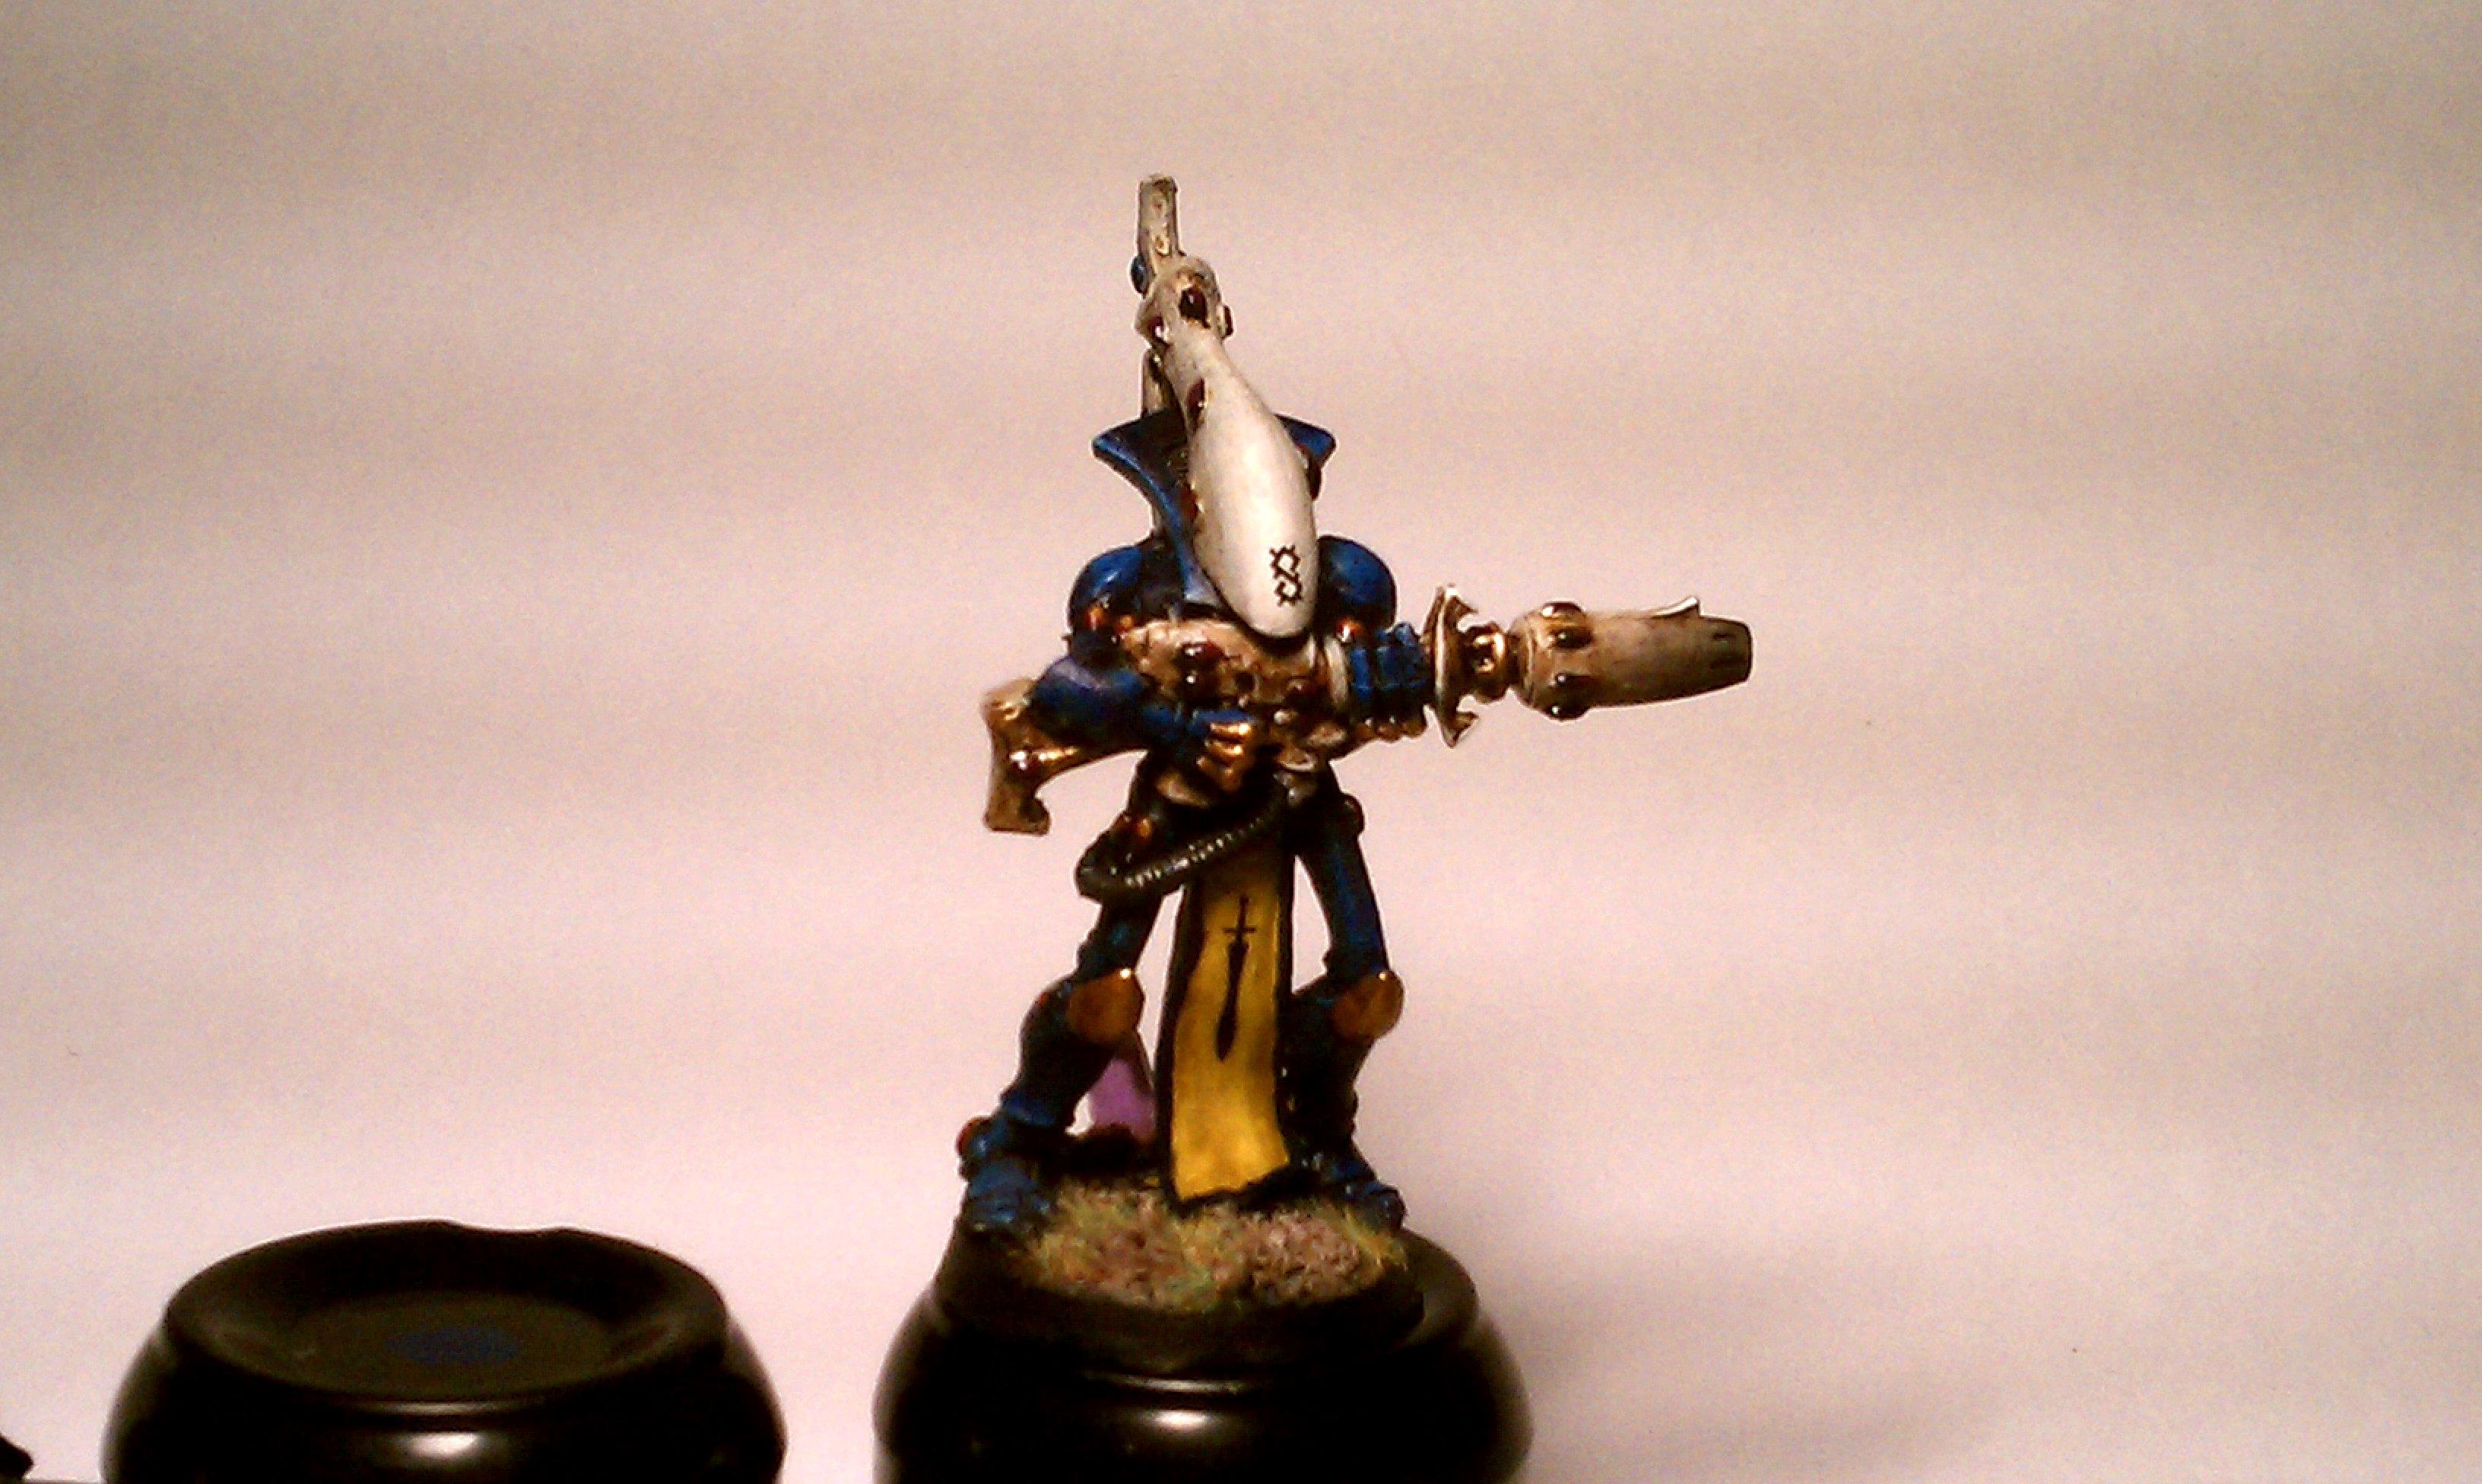 Alaitoc, Eldar, Wraith, Wraithguard